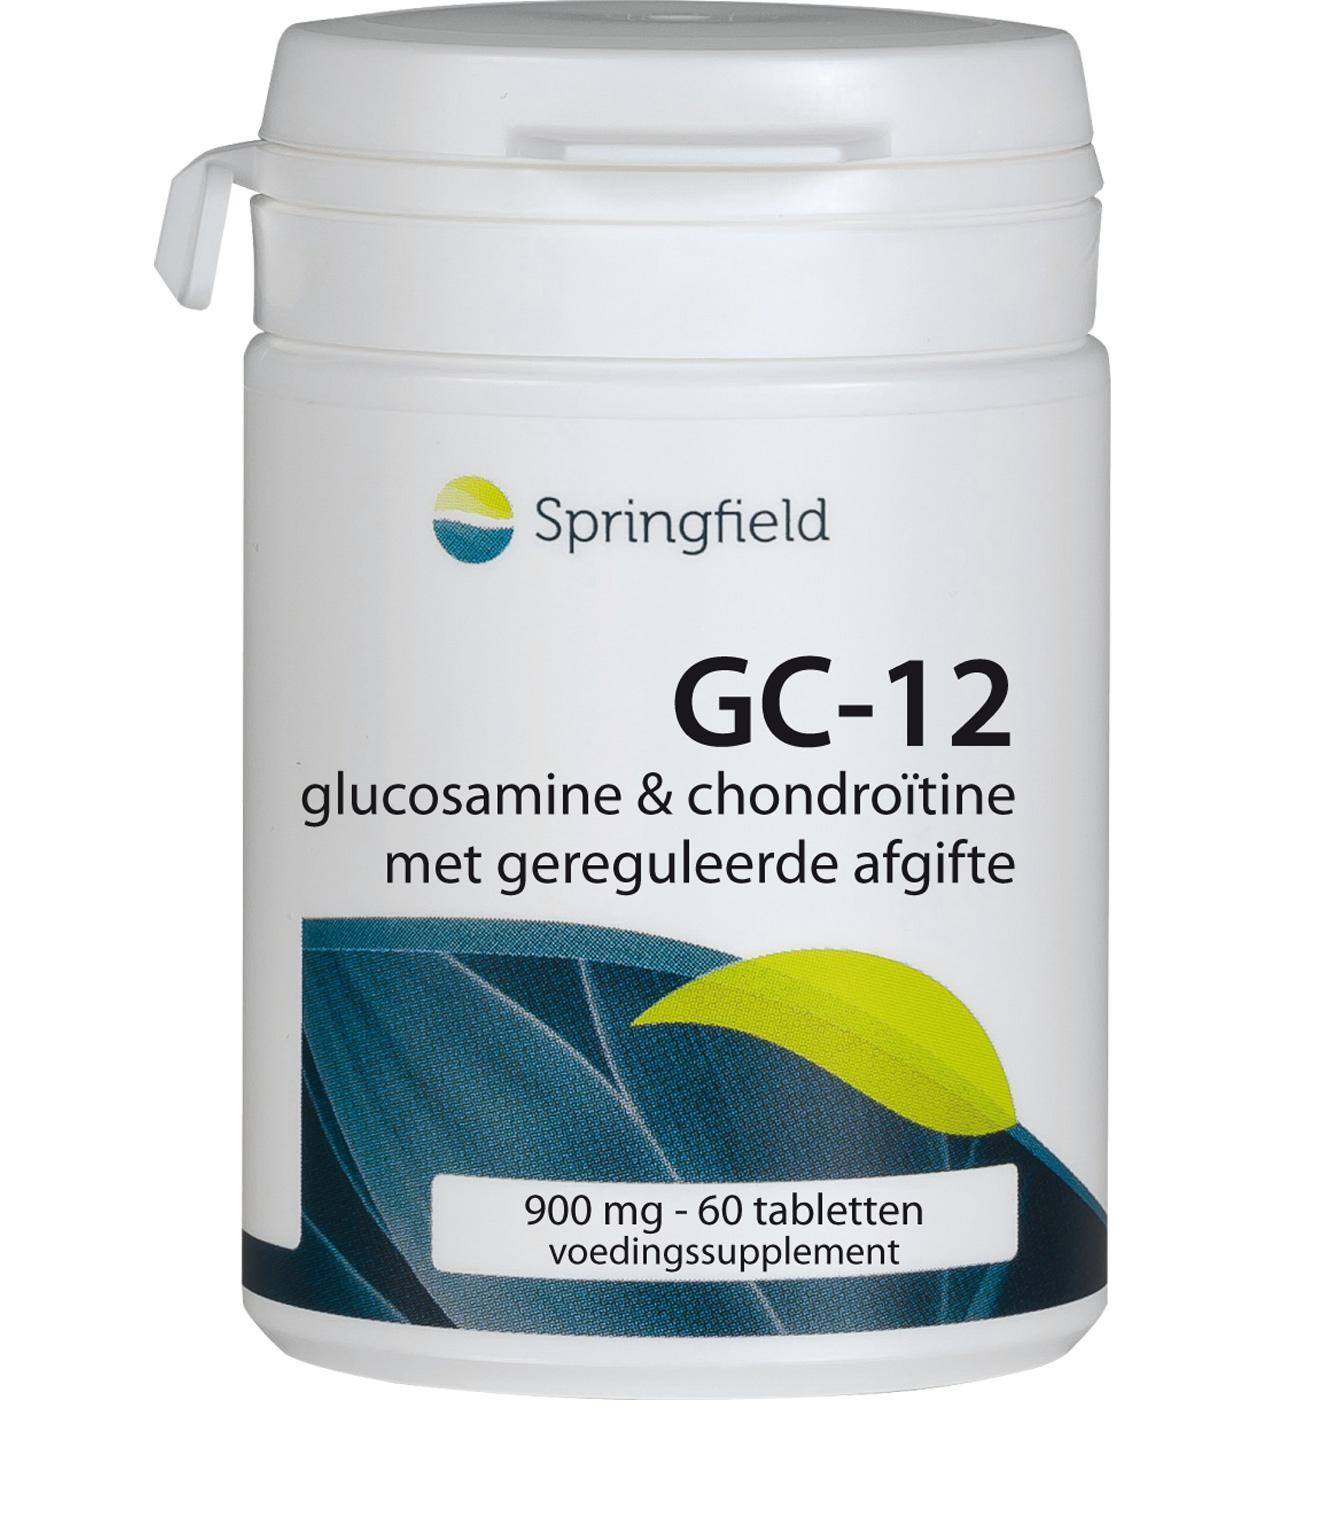 GC-12 Glucosamine en chondroïtine met geleidelijke afgifte